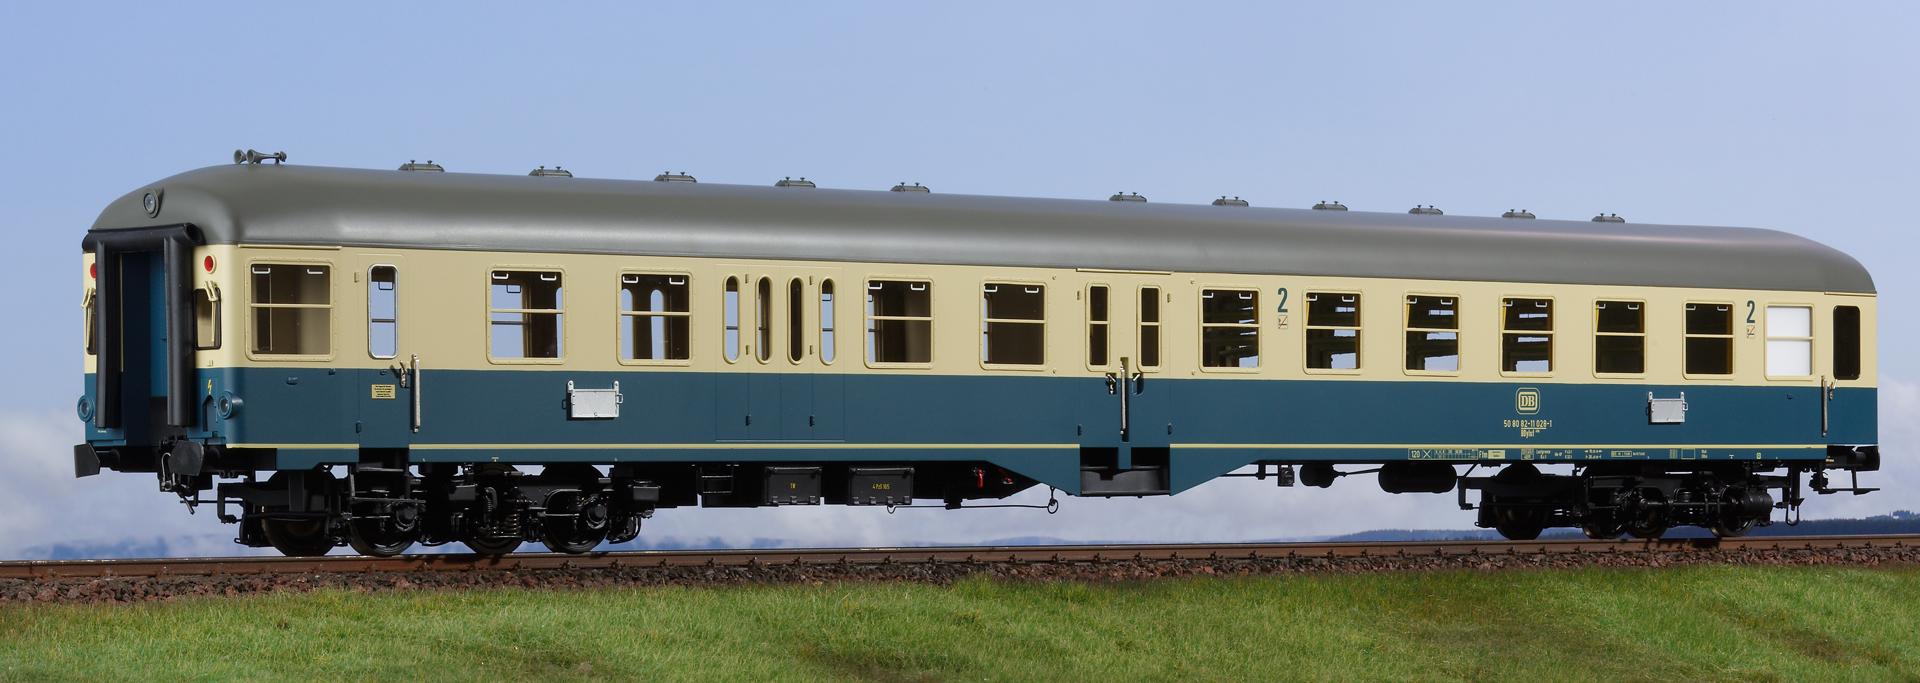 Spur 1 Mitteleinstiegwagen, türkis/beige, 1., 2. Klasse mit Steuerabteil